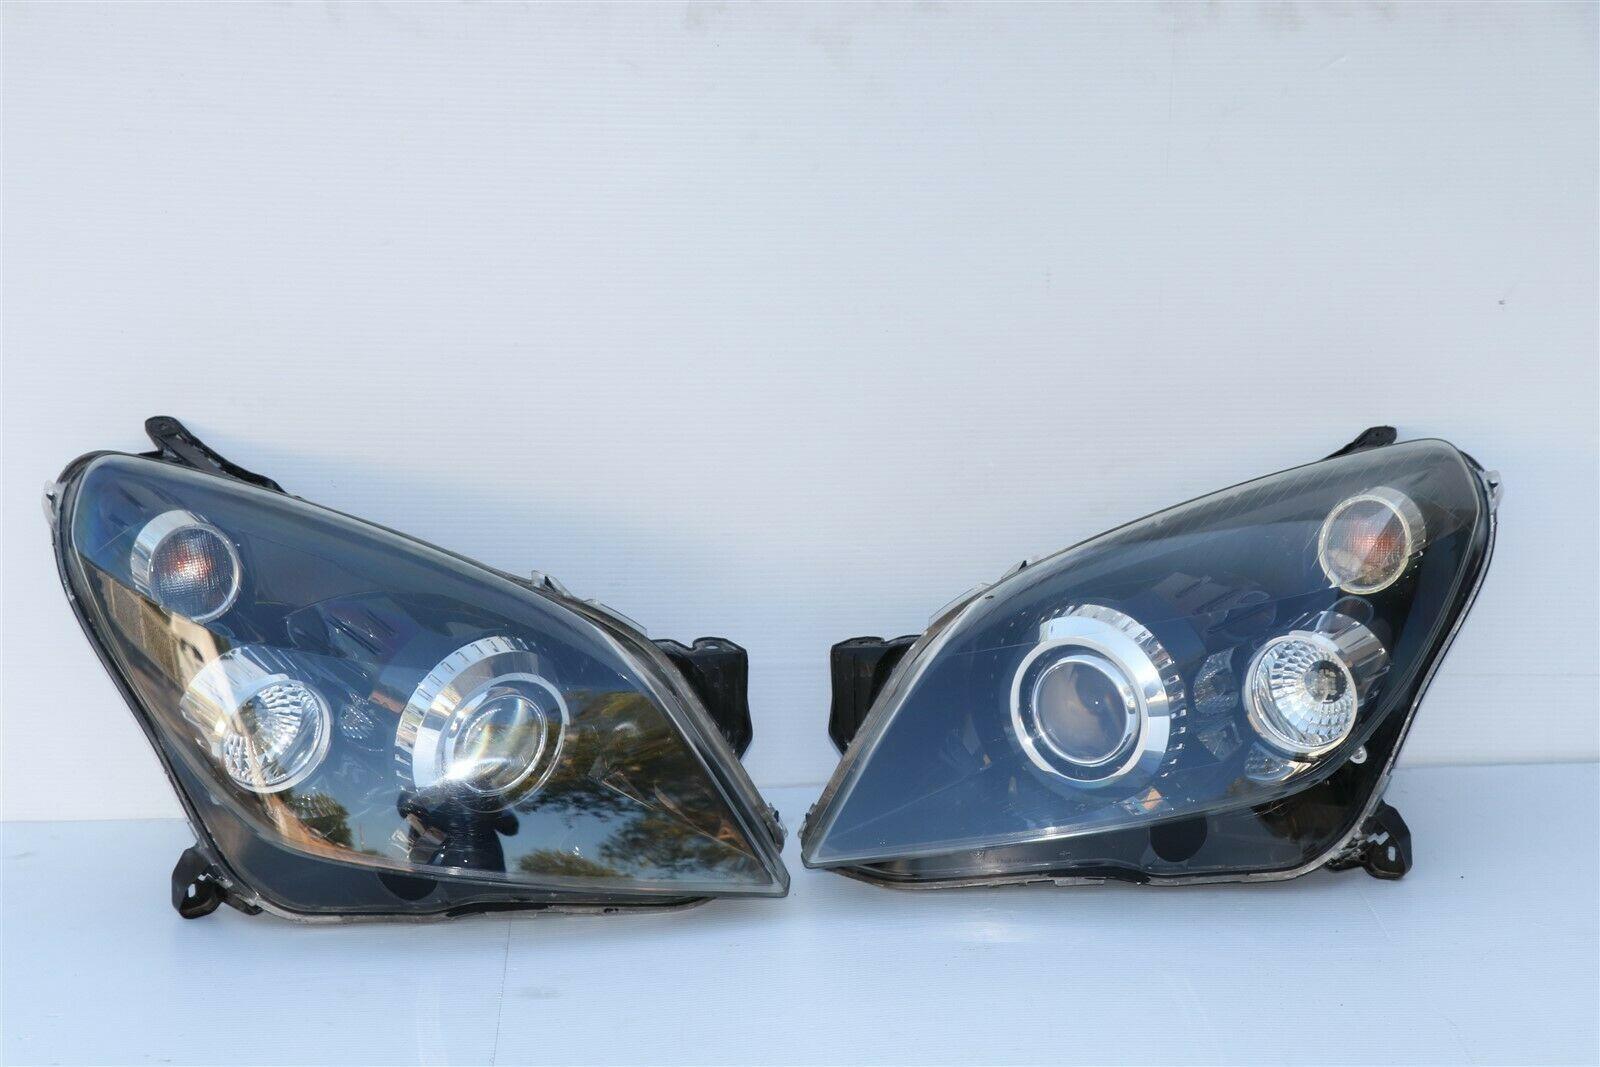 08-09 Saturn Astra Headlight Head Light Lamps SET L&R =>POLISHED